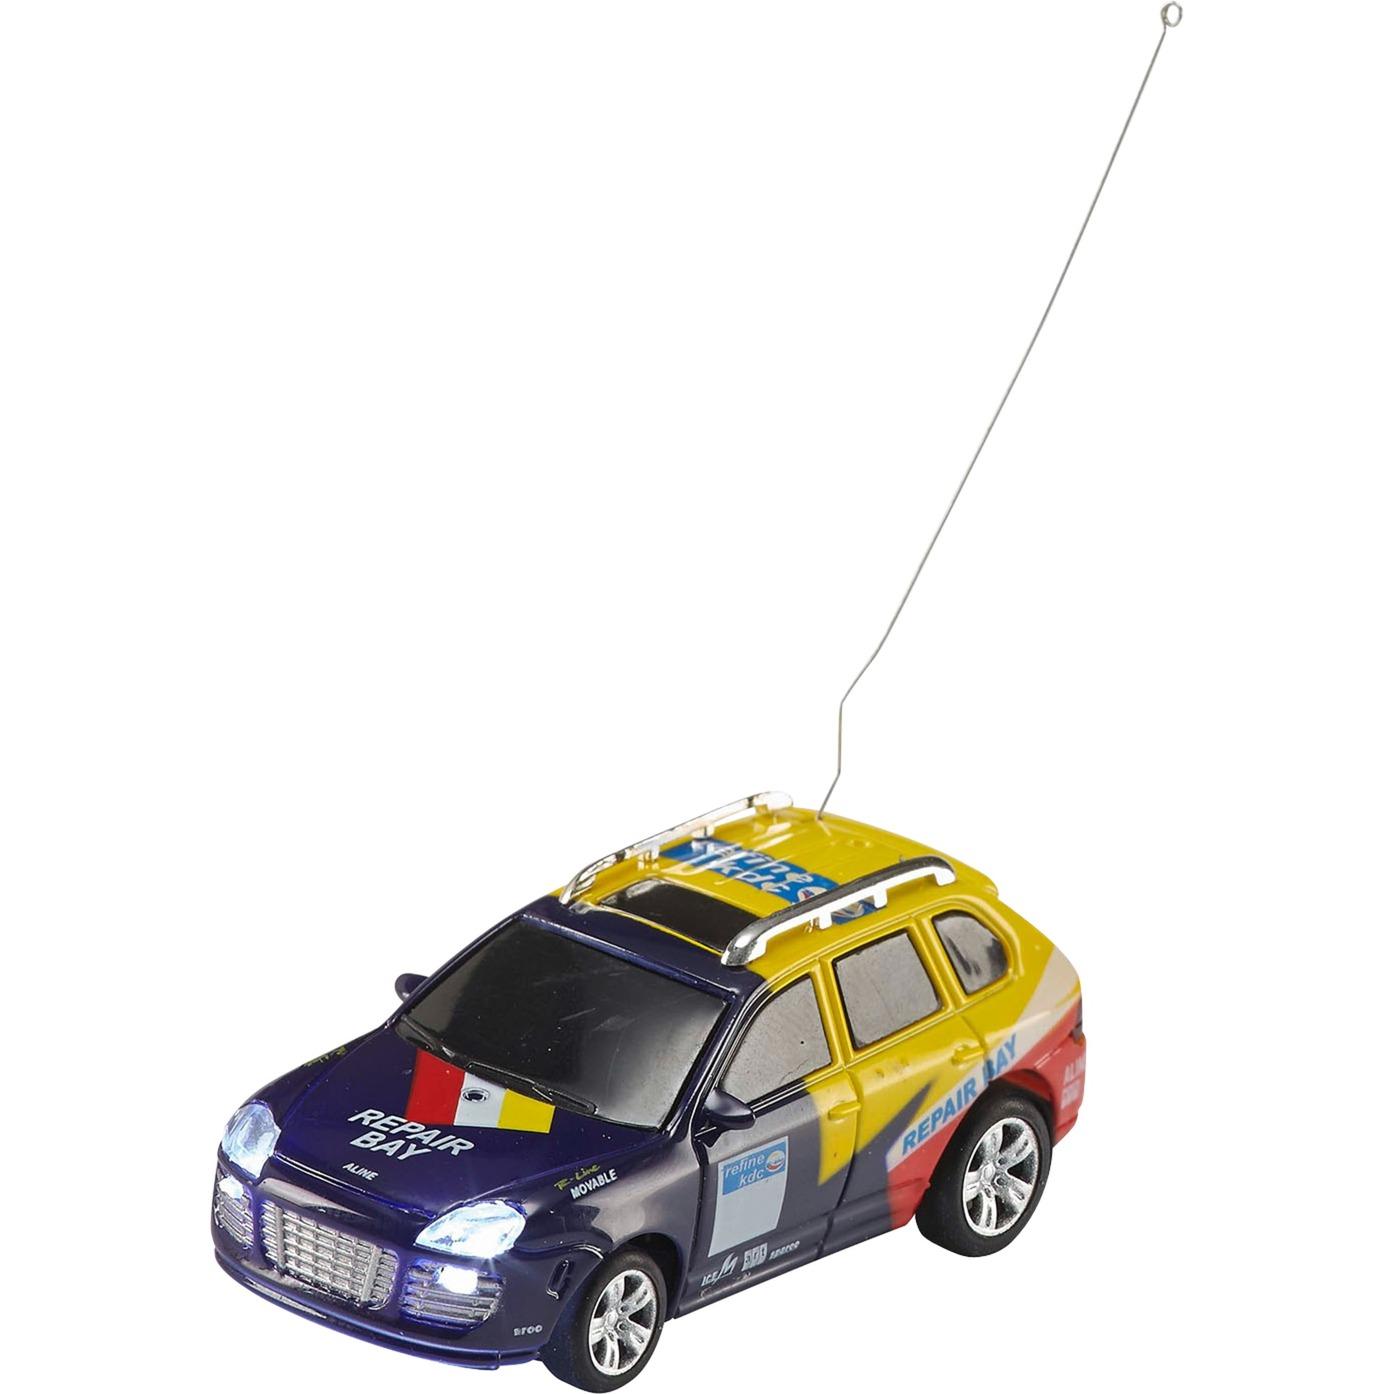 mini-rc-car-remote-controlled-car